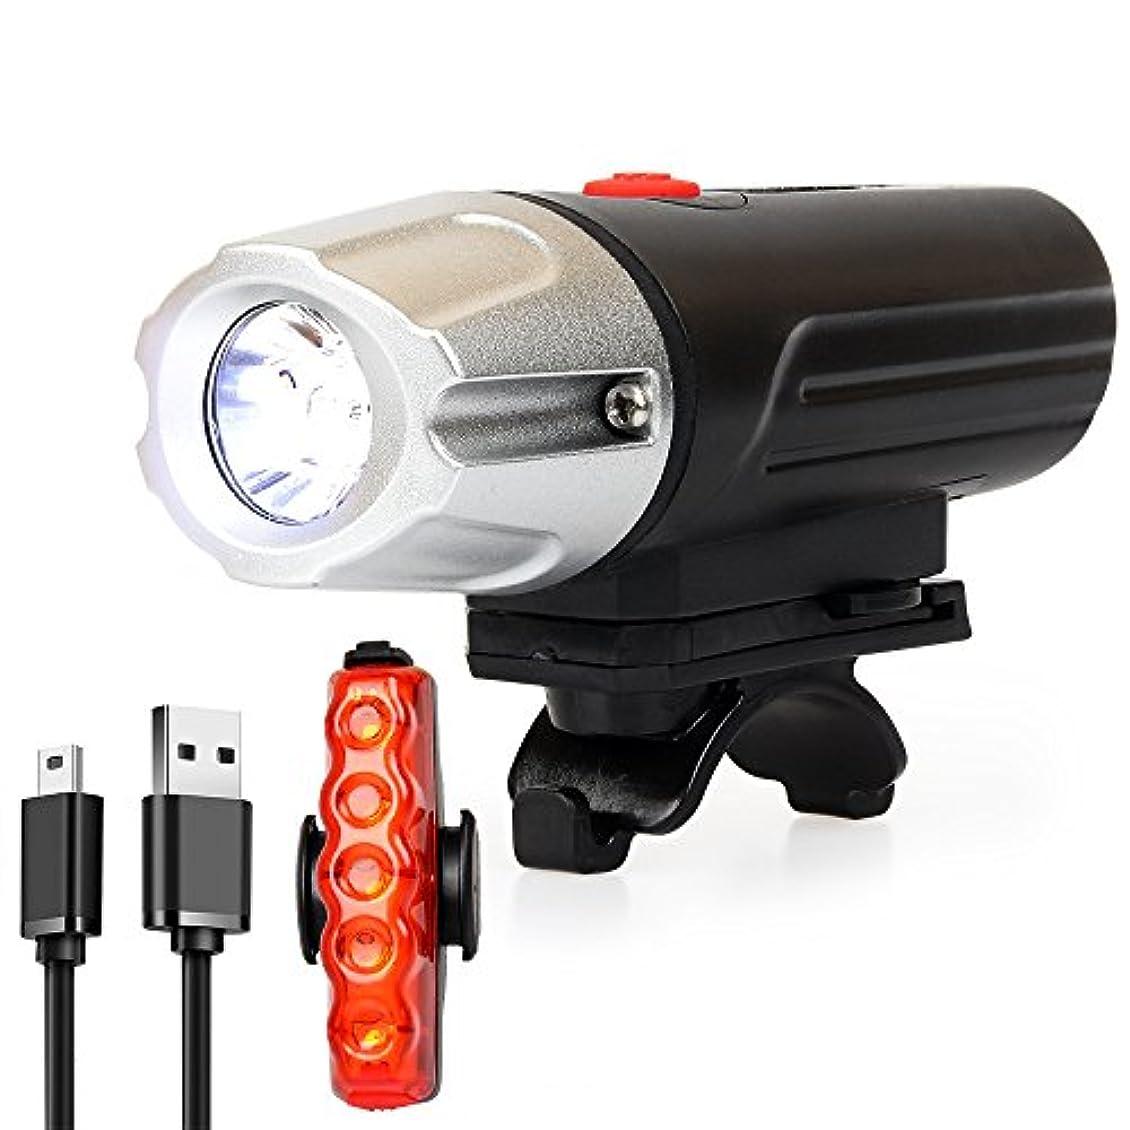 消毒する閲覧するドキドキ自転車ライト テールライト付 Volon USB充電式 前/後照灯 400ルーメン 7段階点灯モード 防水 固定用ホールダー付 懐中電灯(USBケーブル付属)